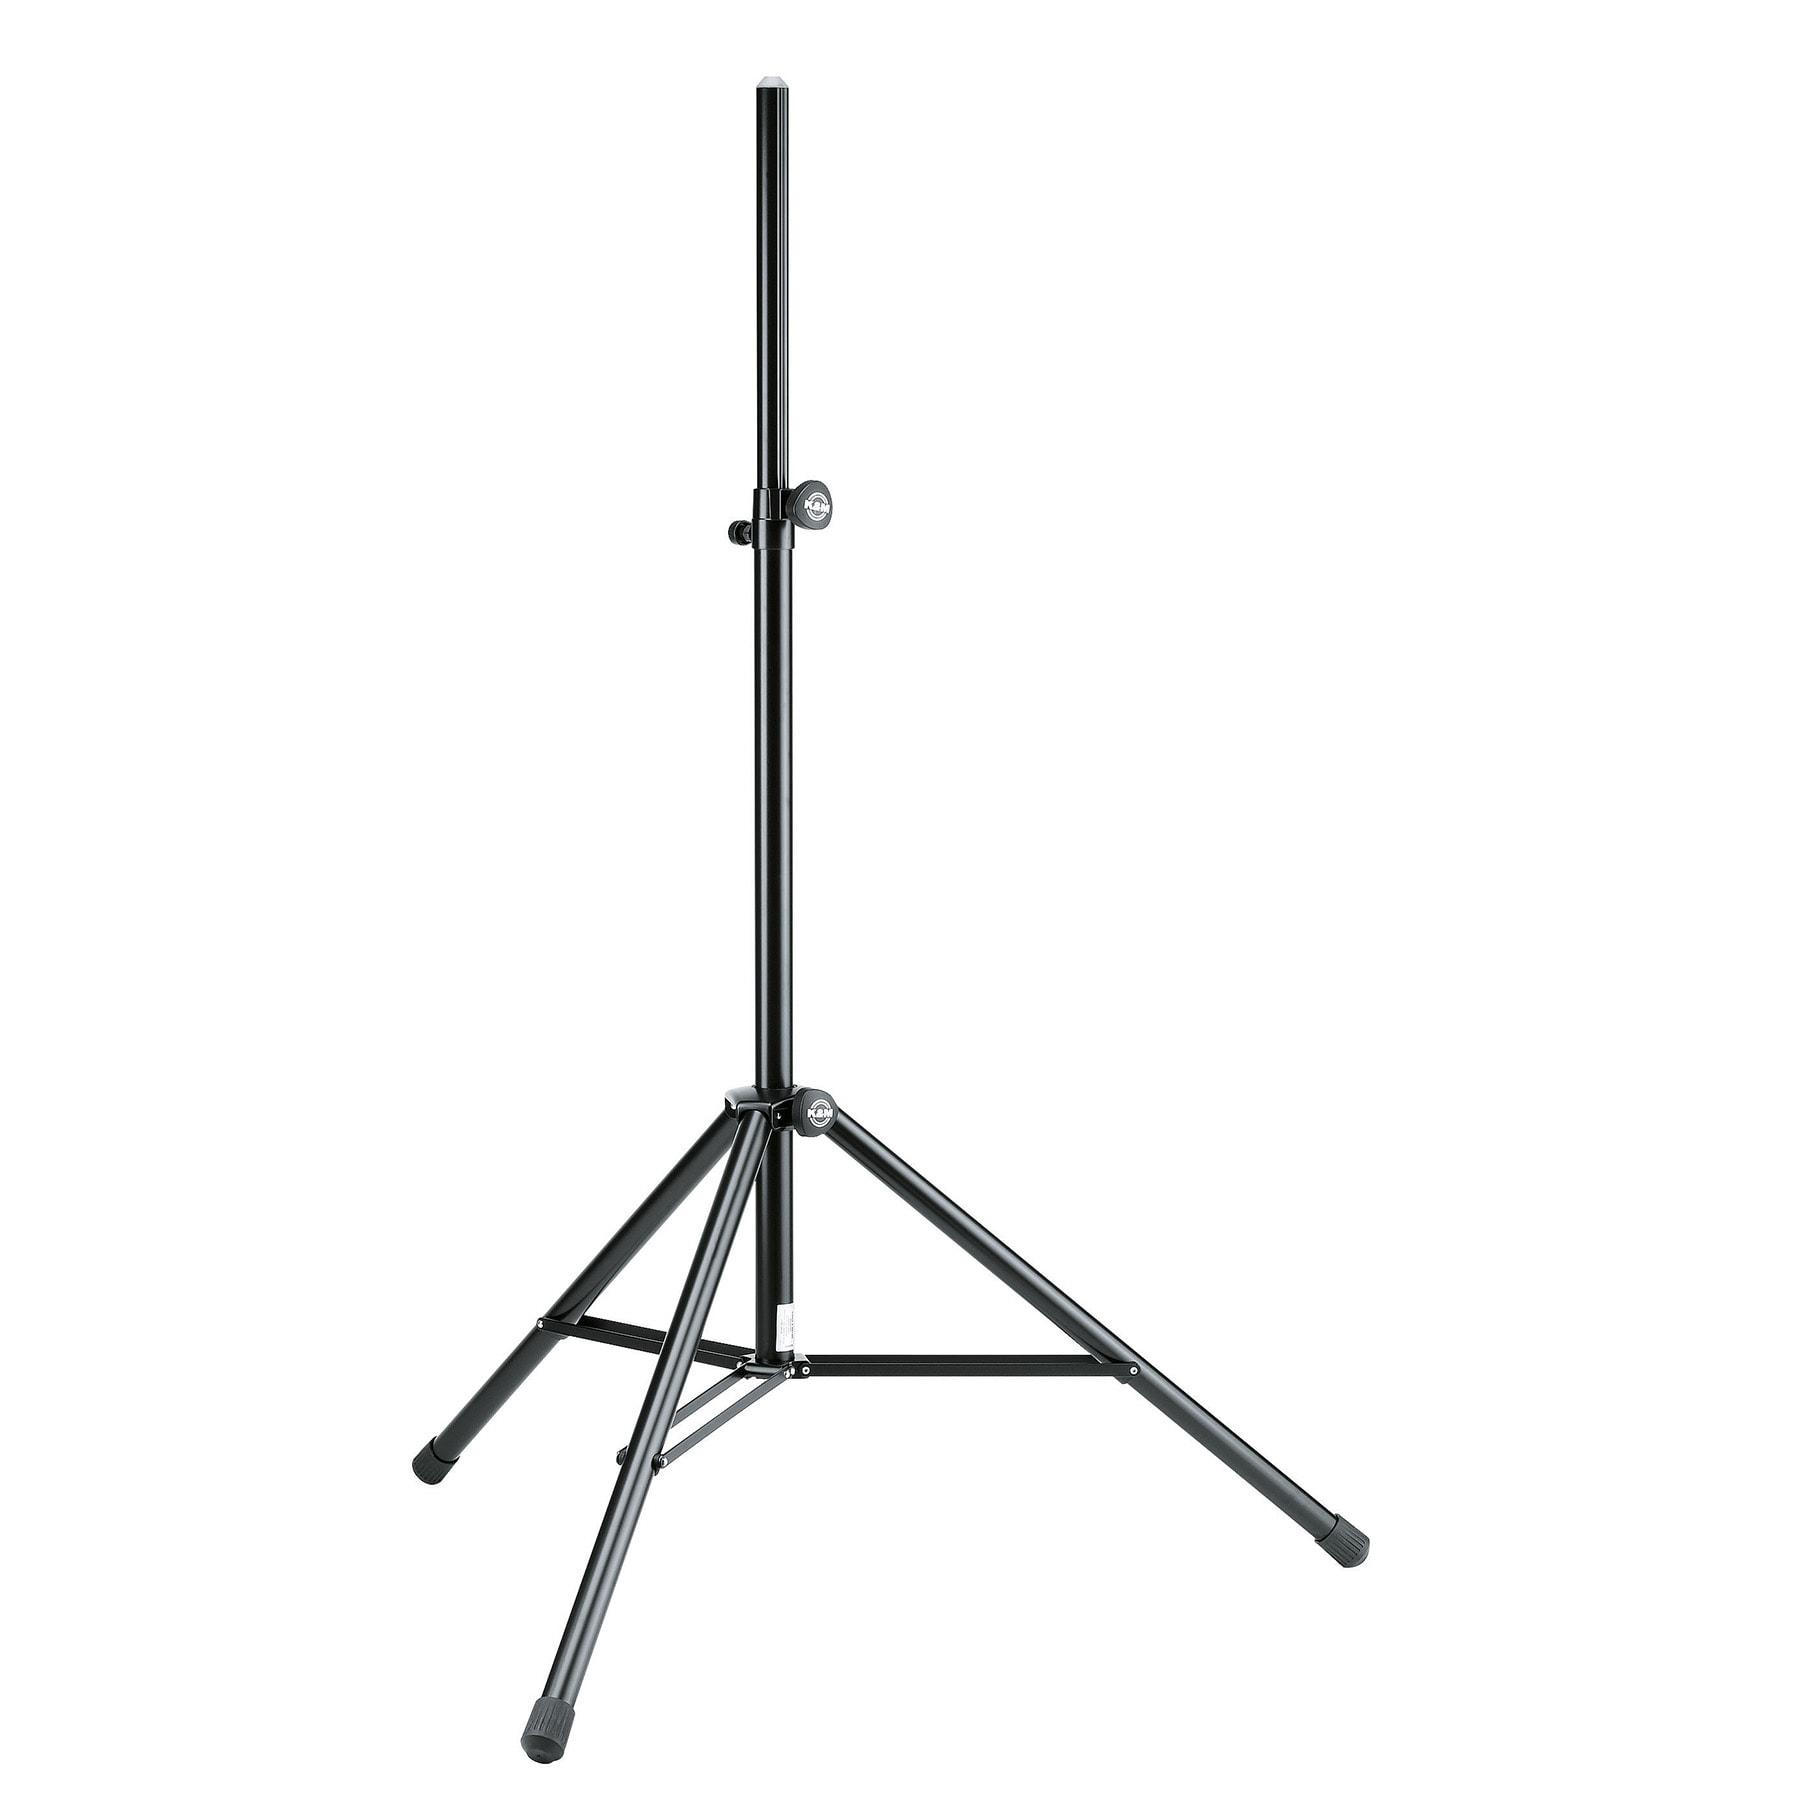 KM214_6 - Speaker stand